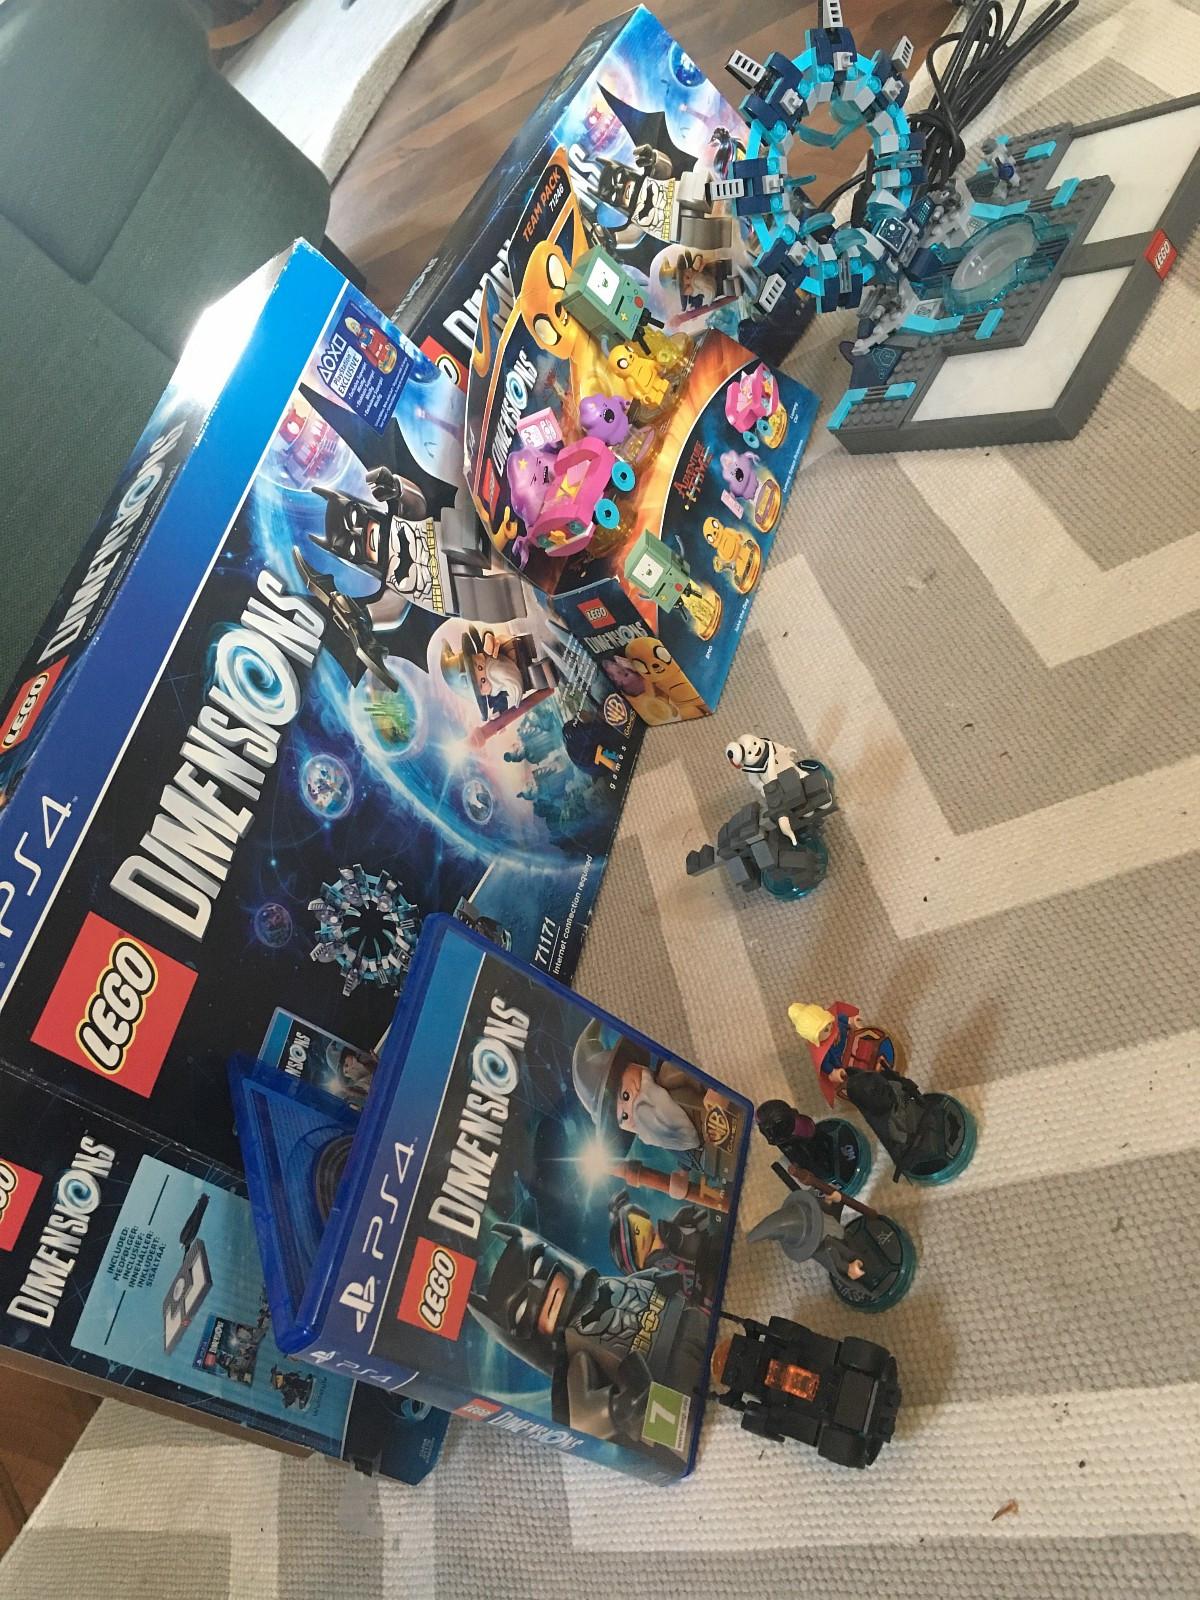 Lego dimensions pakke - Klæbu  - Lego dimensions starter pack 71171 - 300,- Lego dimensions Team pack 71246 - 125,- Spilltilbehør LEGO Dimensions 71233 Stay Puft Fun Pack 75,-  Pakkepris - 450,- - Klæbu